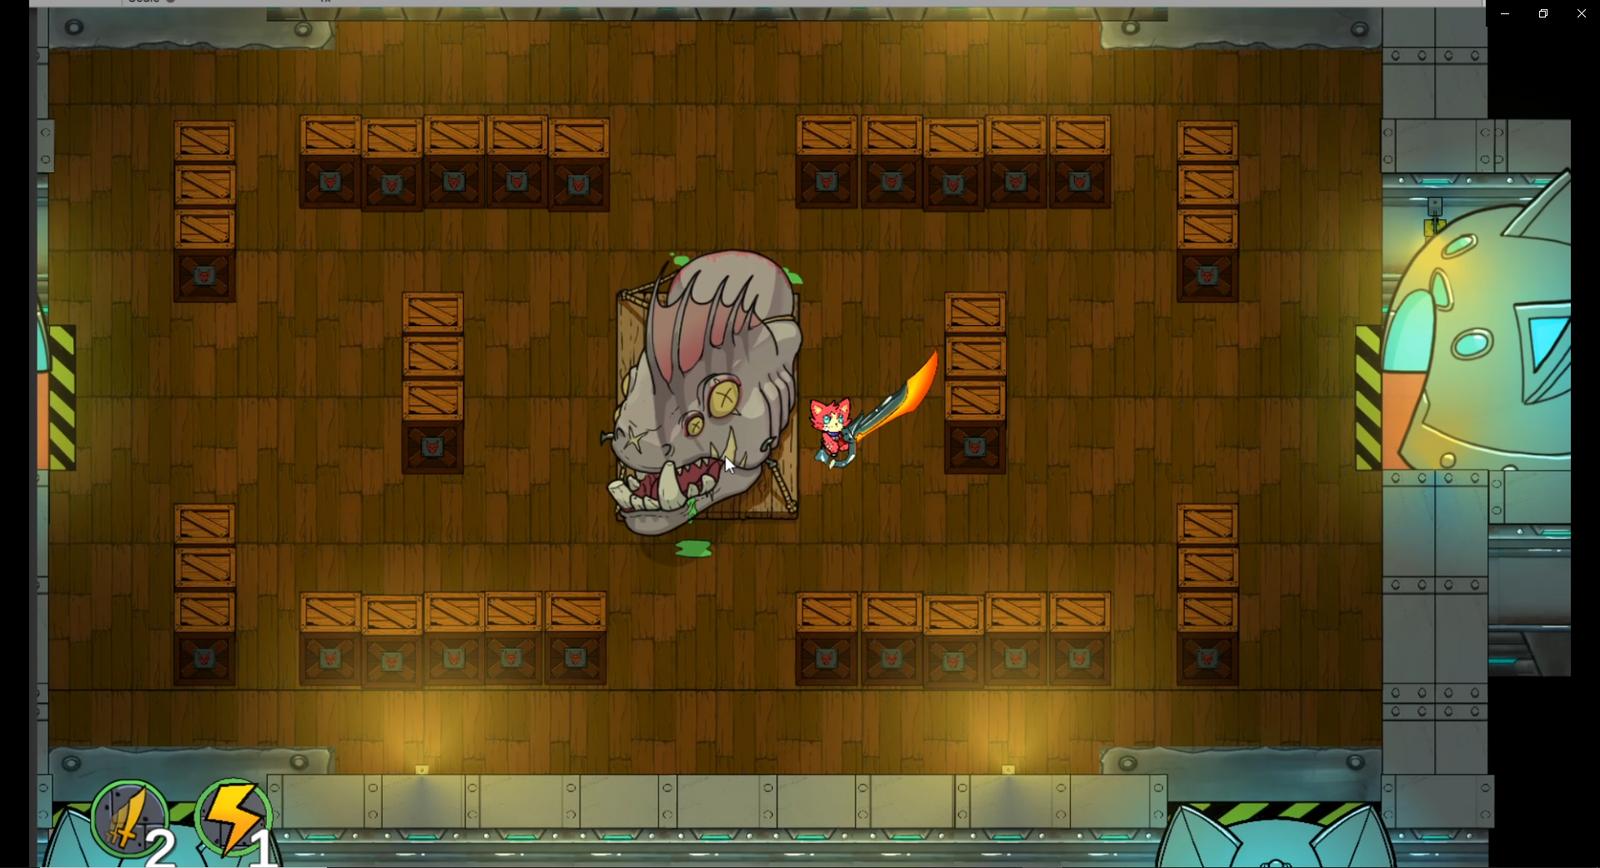 Cat Space Pirate - Screenshot 02